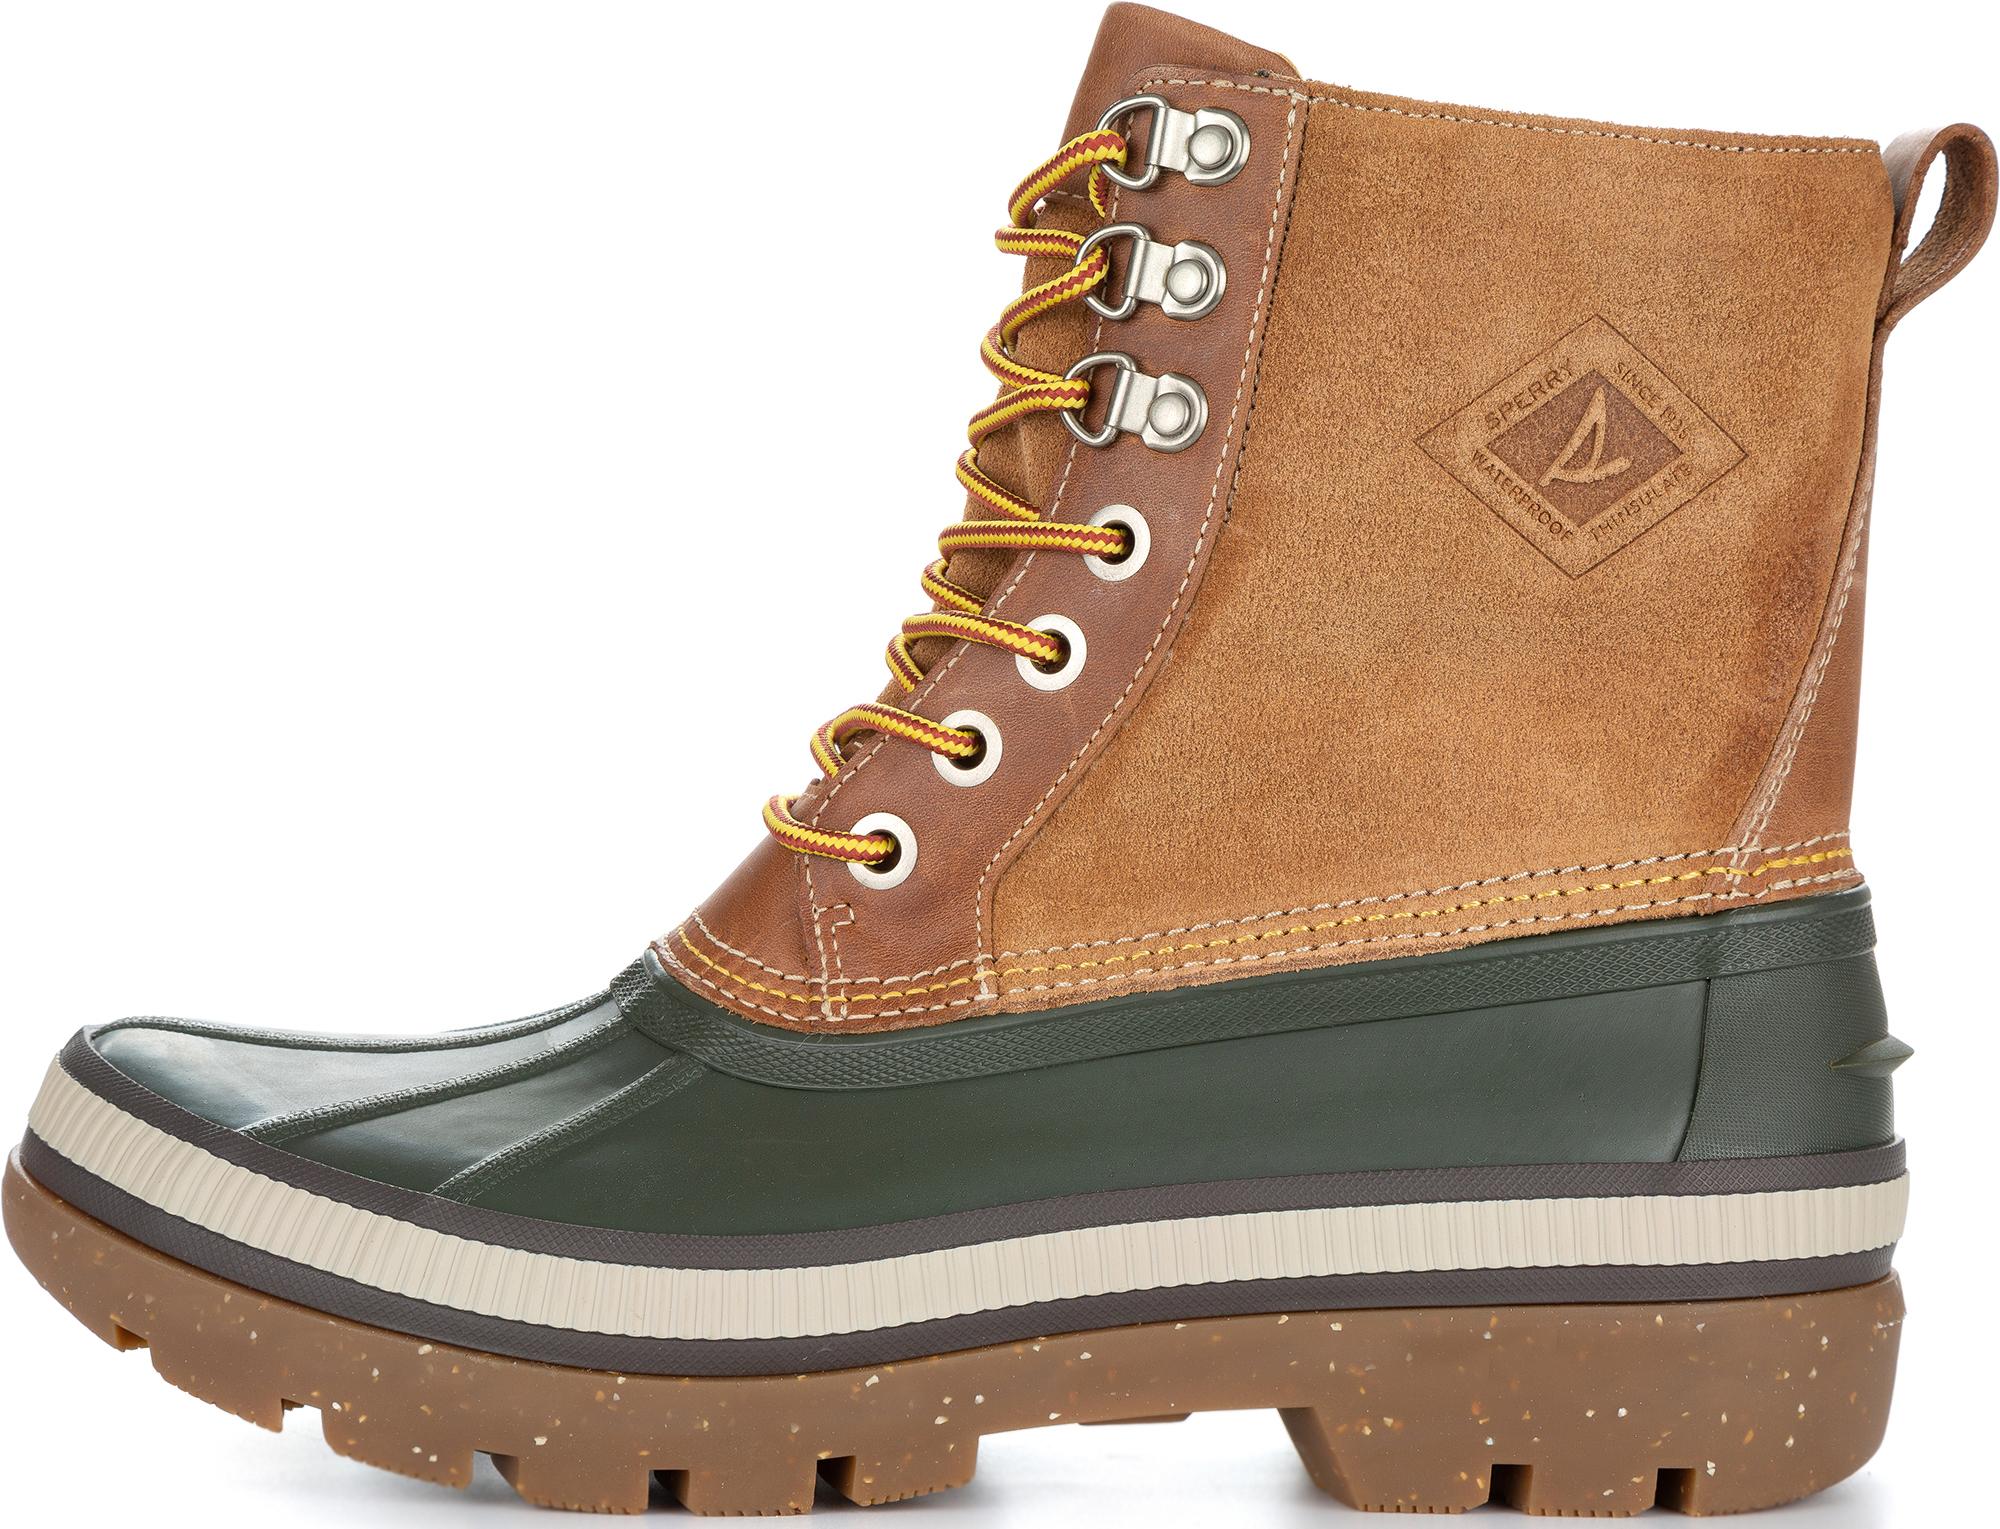 Sperry Ботинки утепленные мужские SPERRY Ice Bay Boot, размер 44